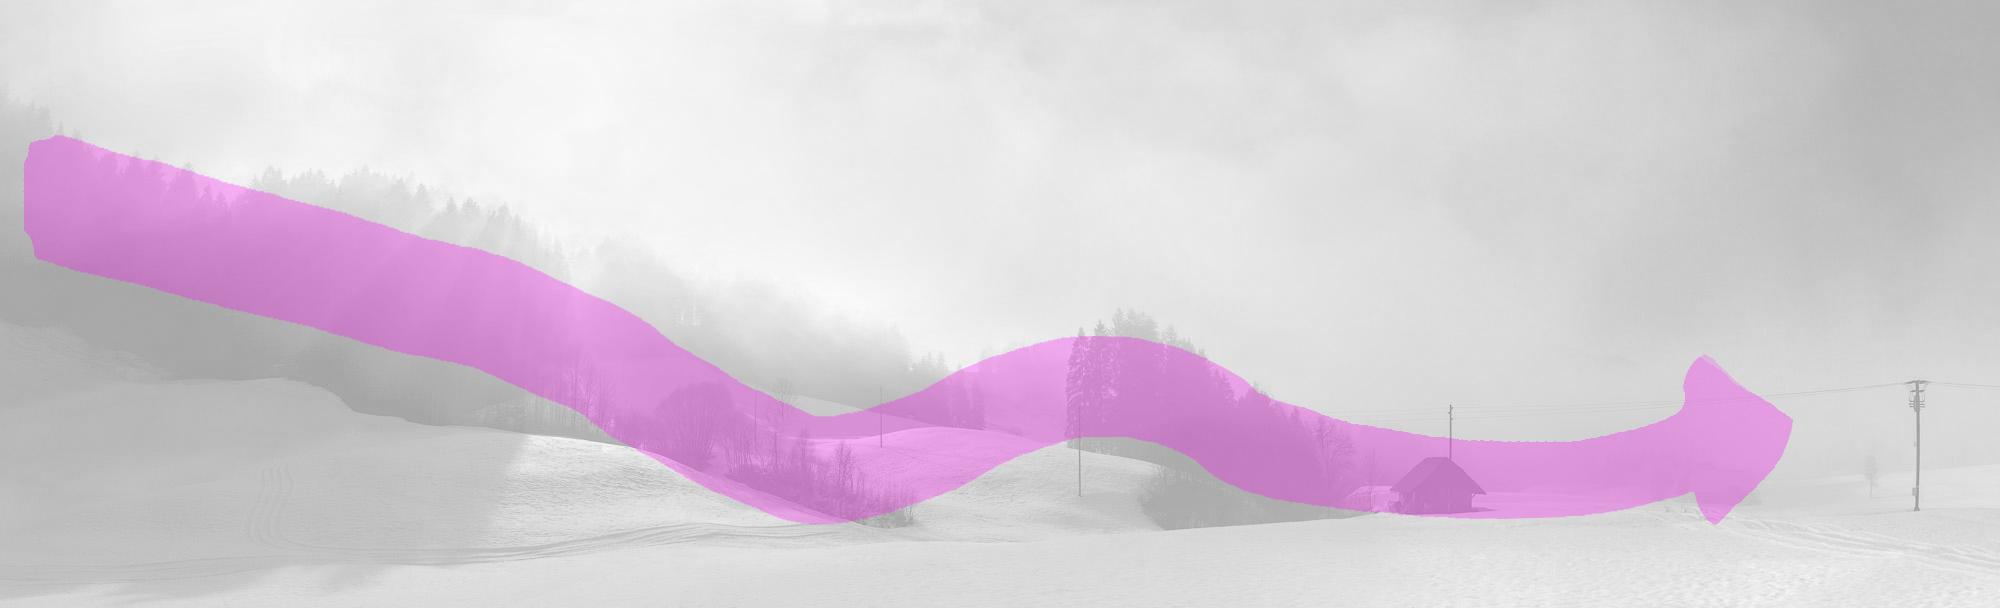 Komposition: Visualisierung der Blickführung